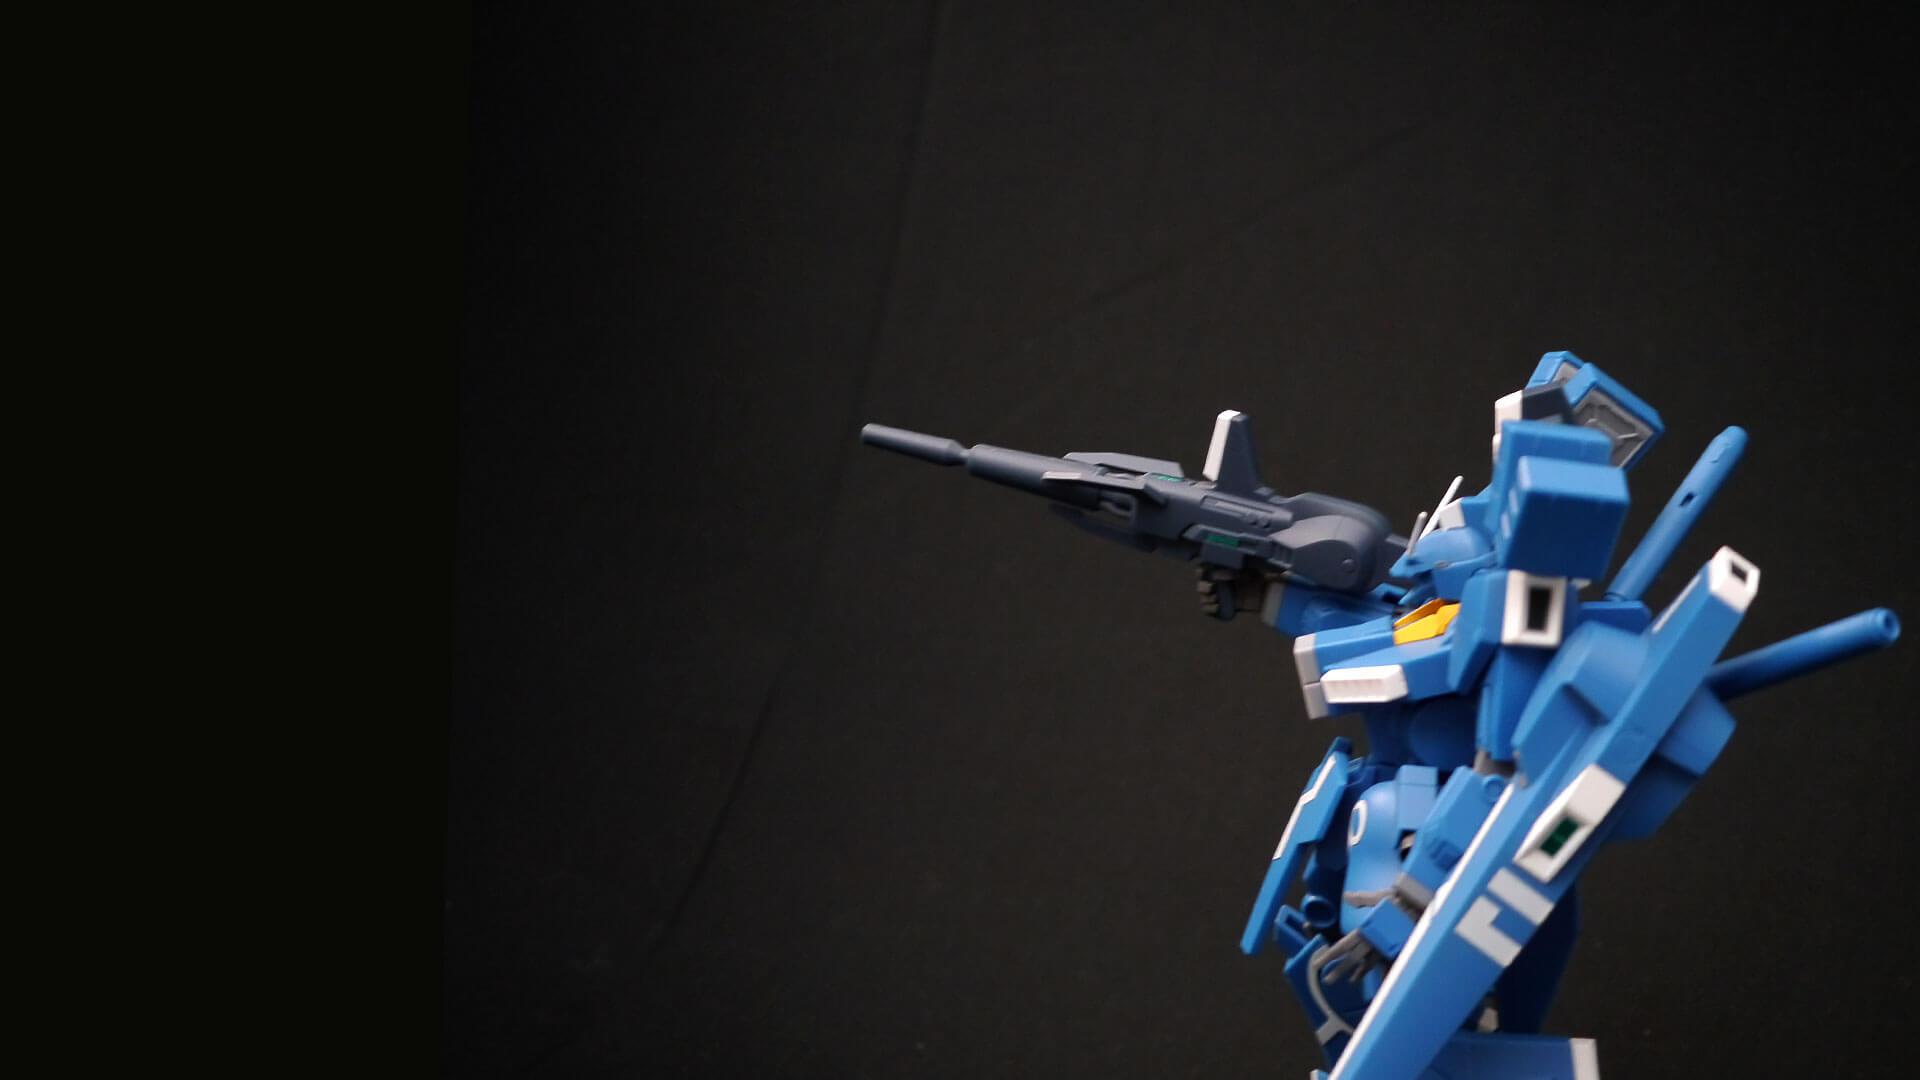 ROBOT魂 ガンダムMk-V フル装備横姿